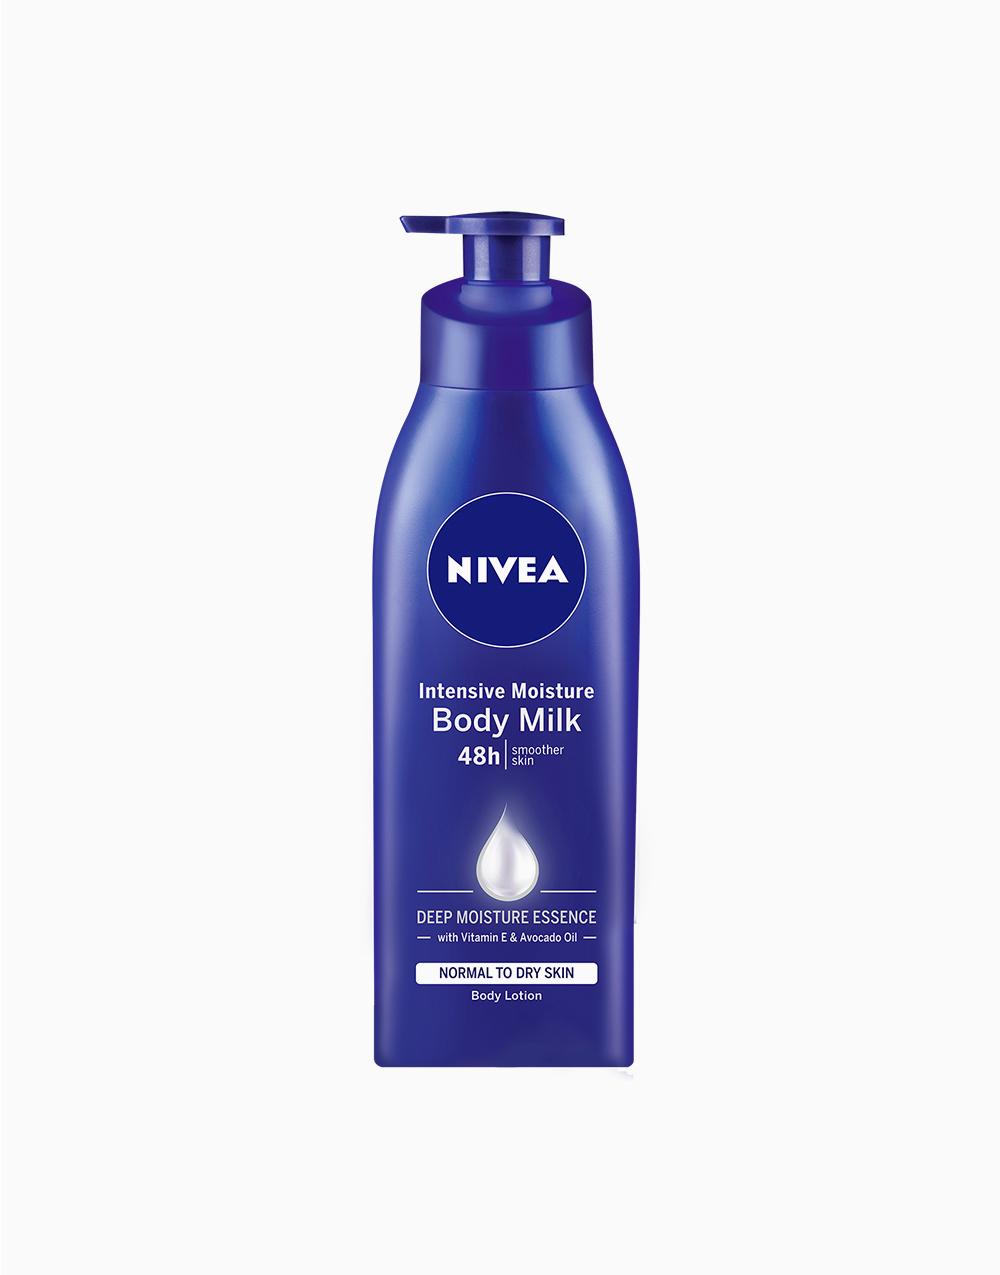 NIVEA Body Intensive Moisture Body Milk (400ml) by NIVEA